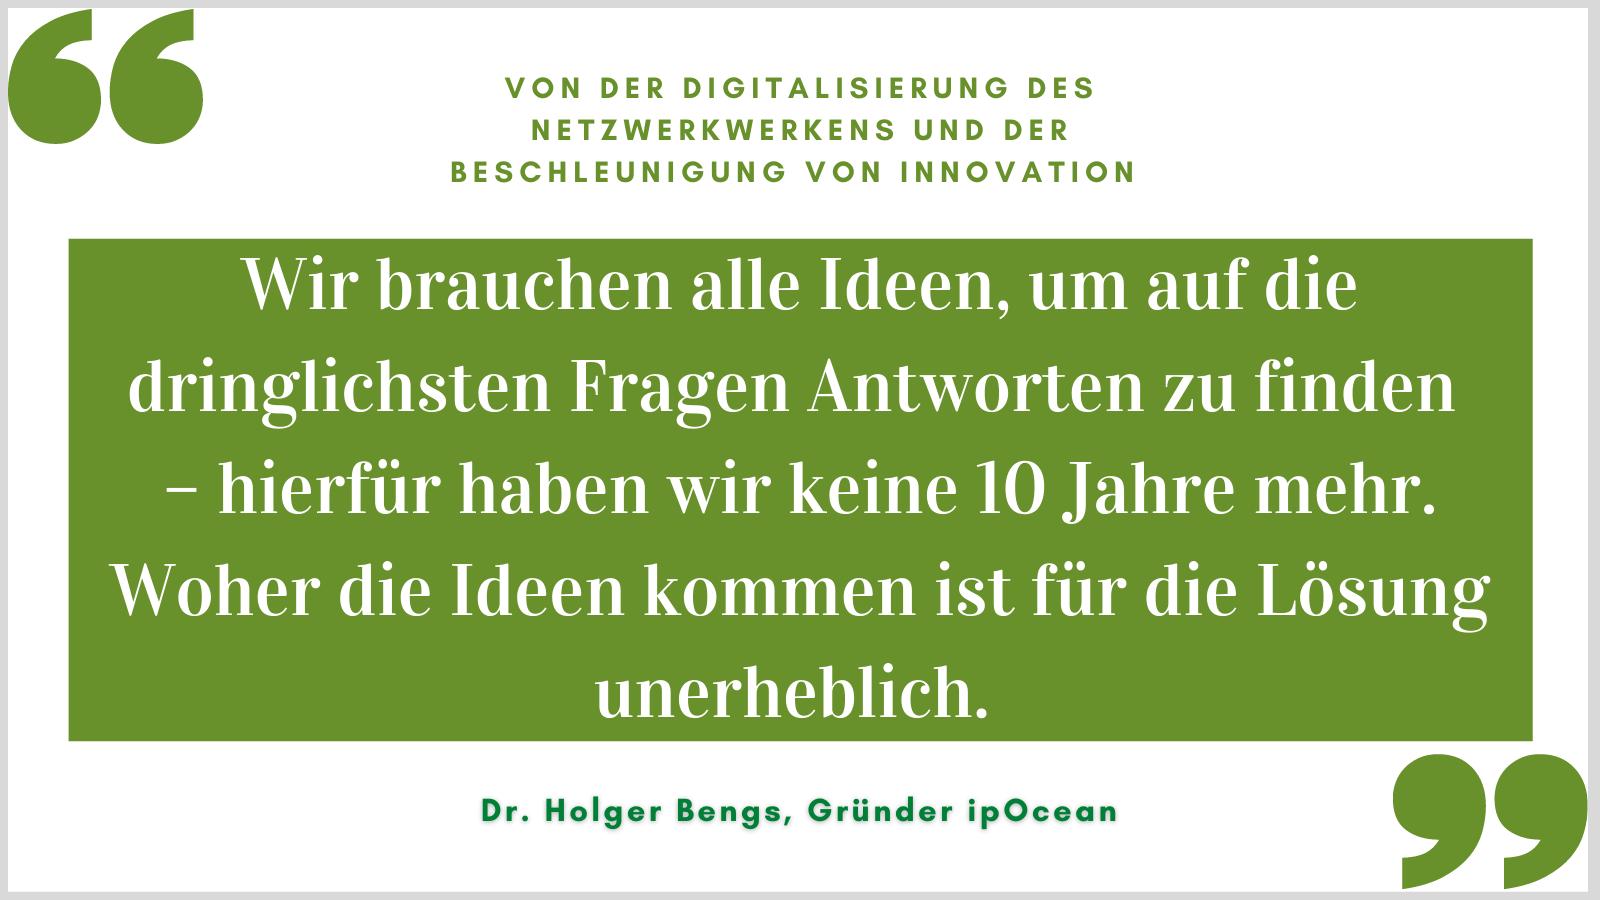 Von der Digitalisierung des Netzwerkwerkens und der Beschleunigung von Innovation